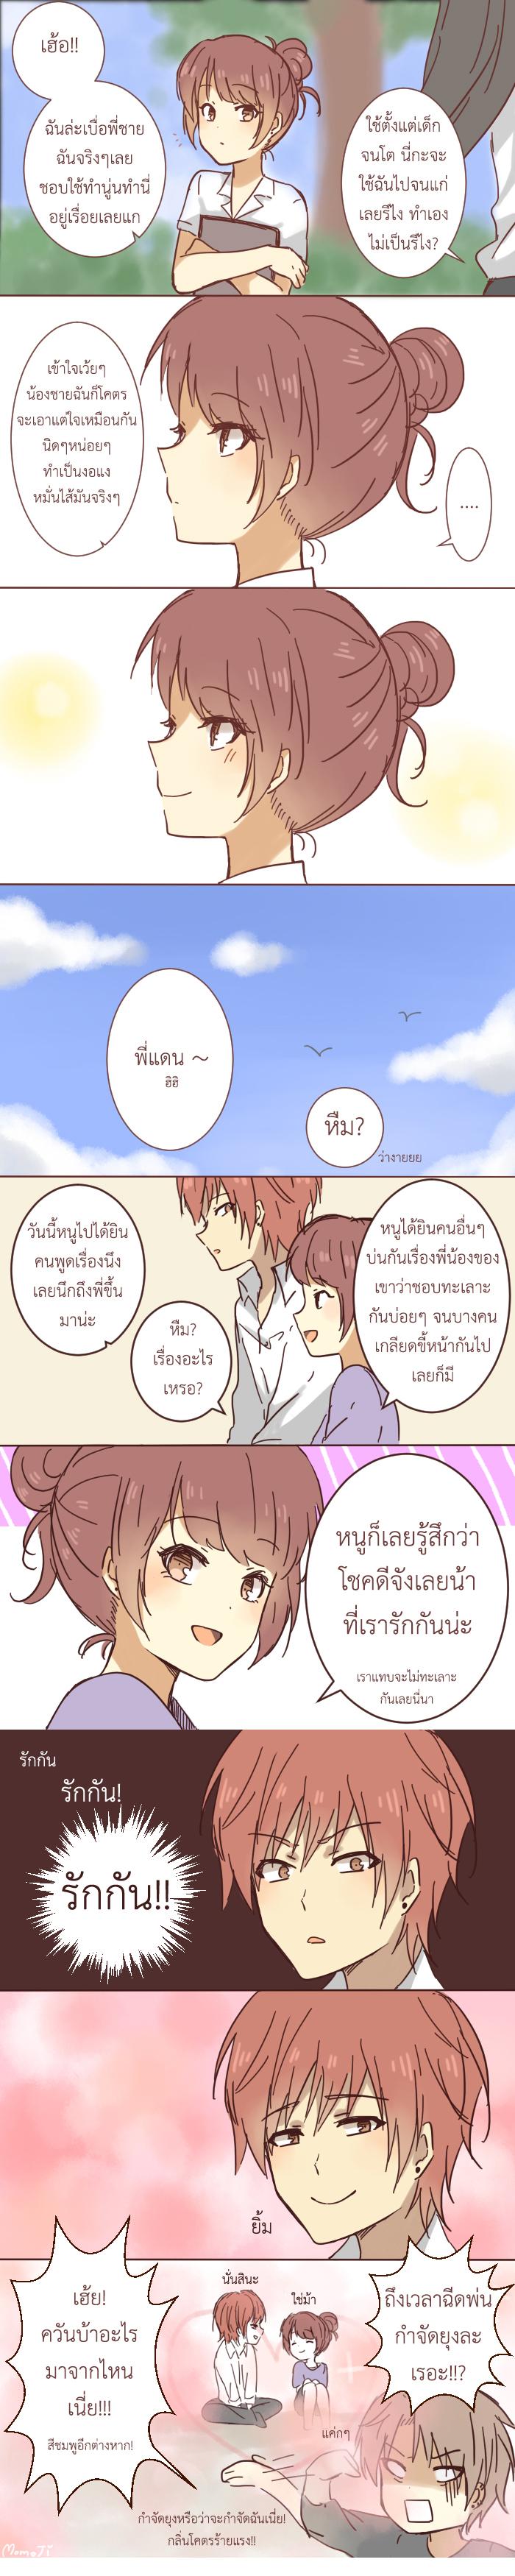 4 - มันคือความรัก